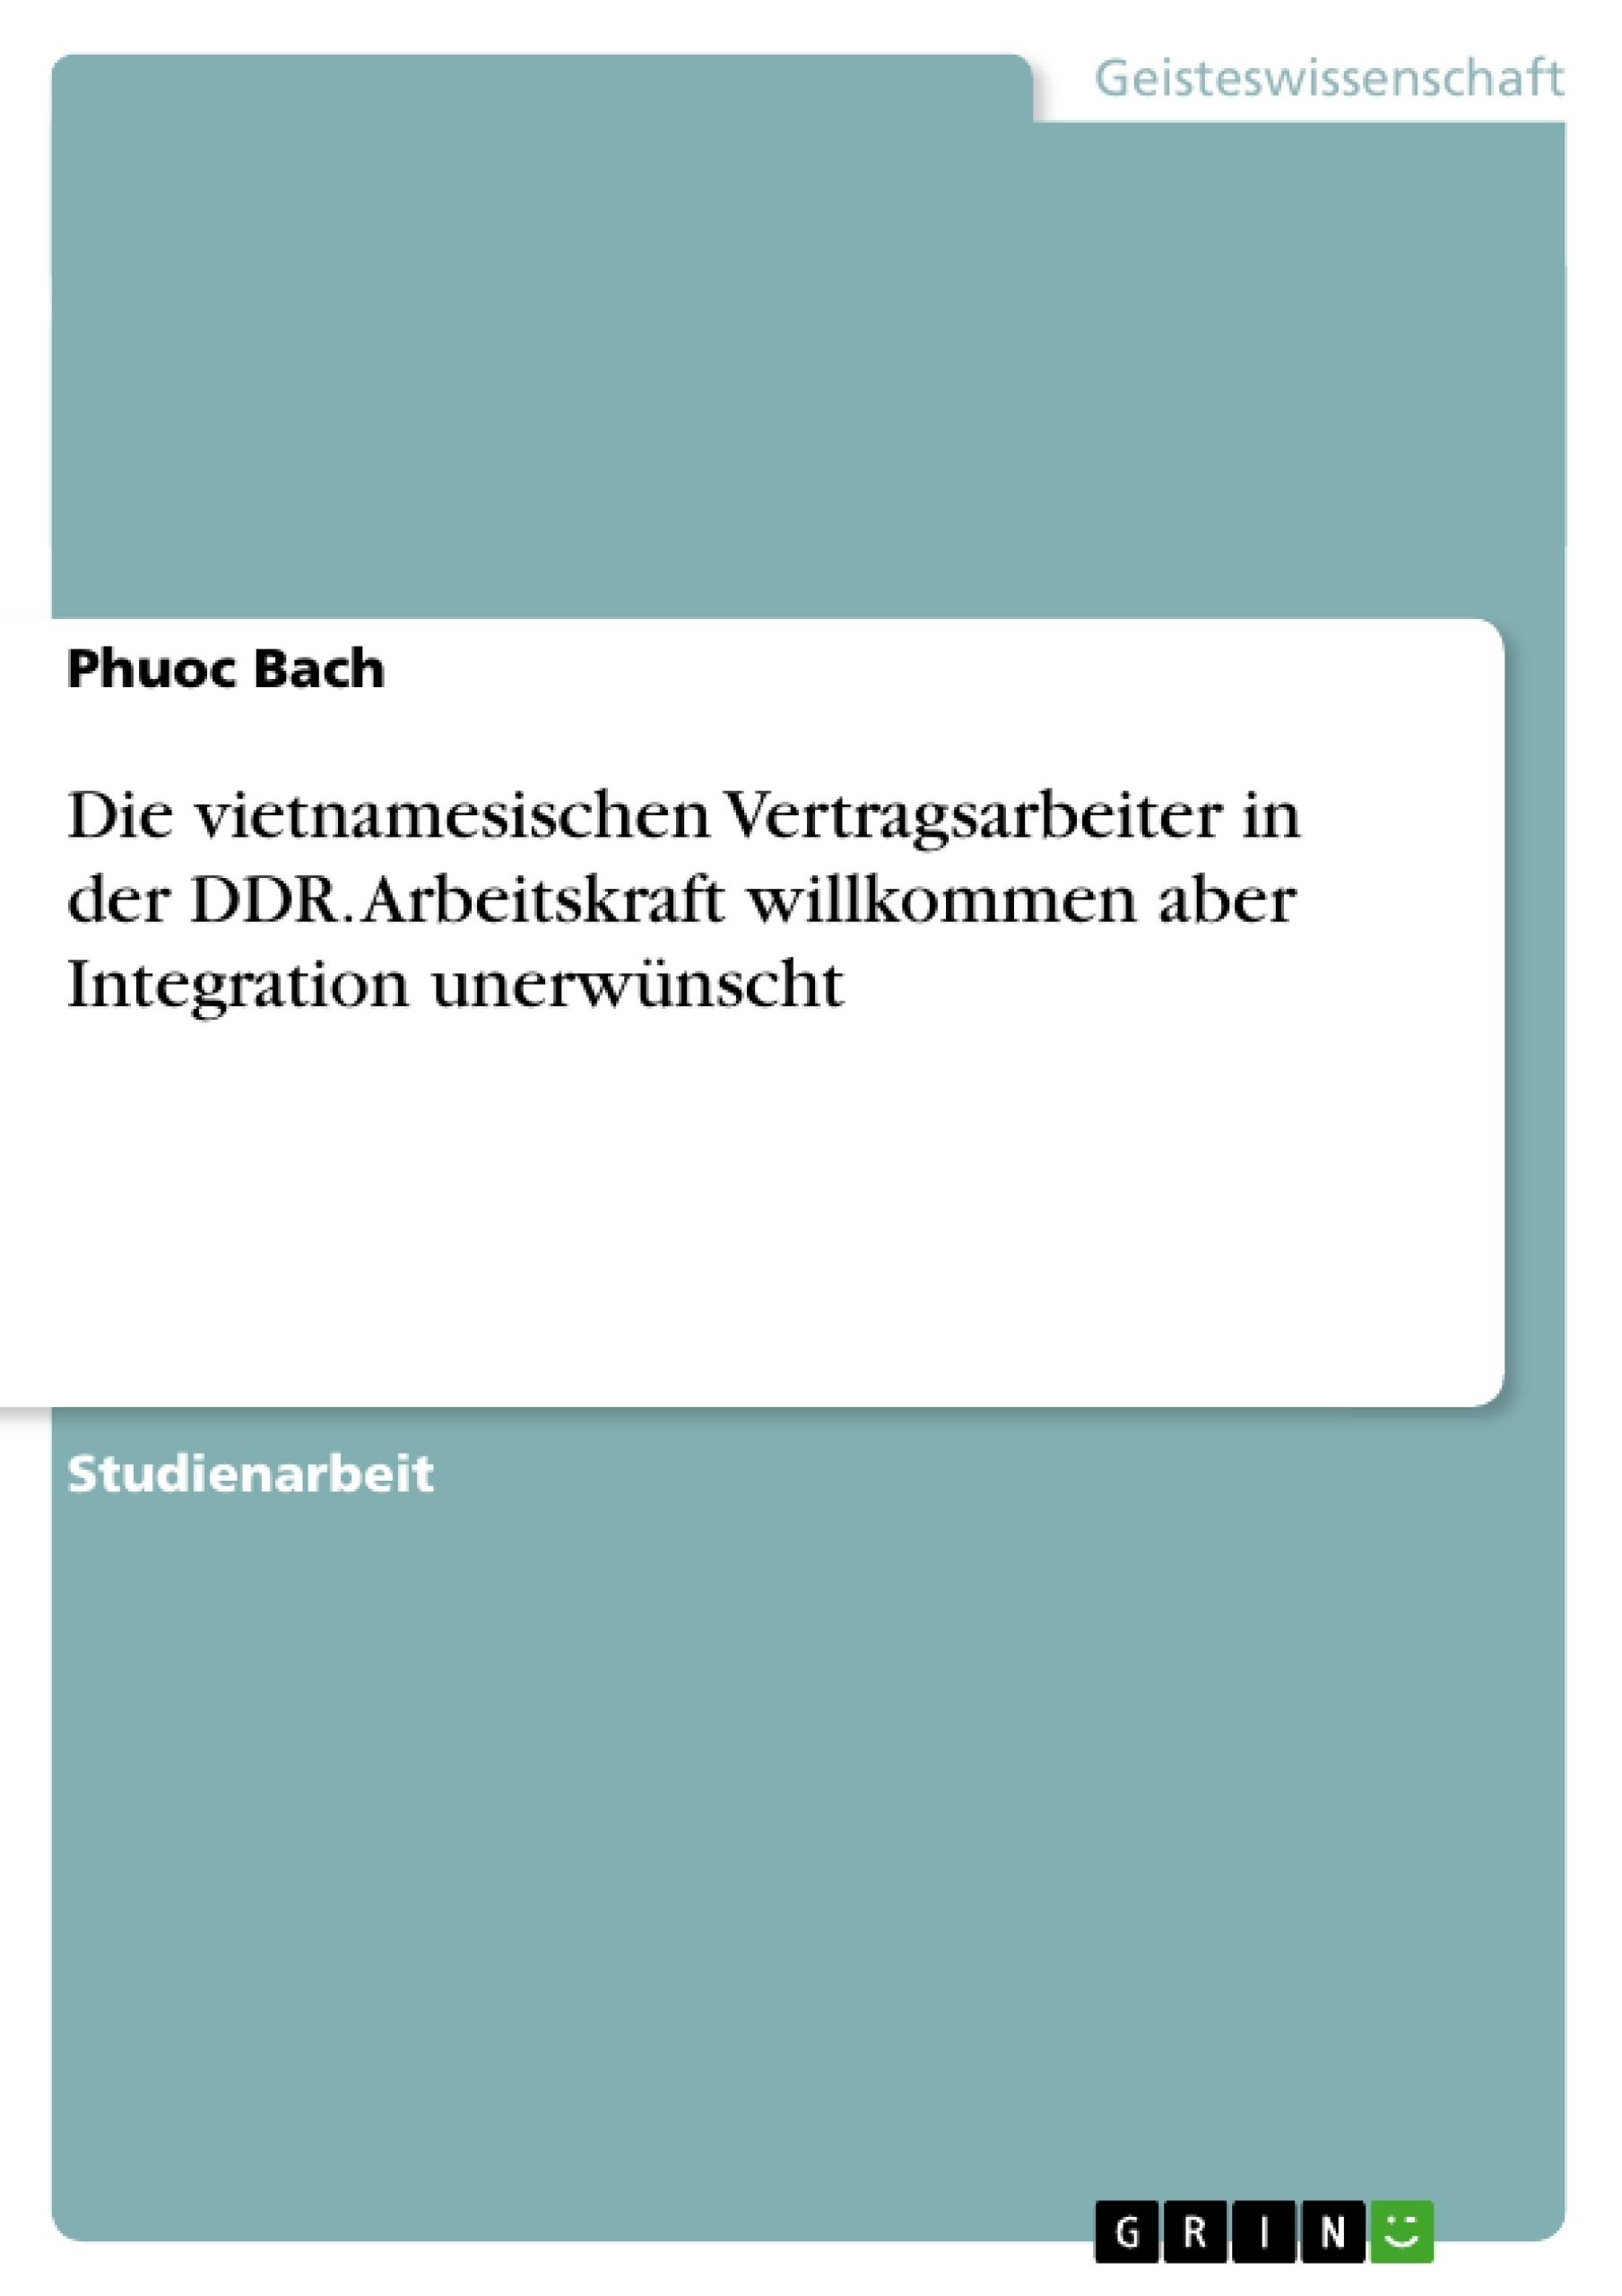 Titel: Die vietnamesischen Vertragsarbeiter in der DDR. Arbeitskraft willkommen aber Integration unerwünscht